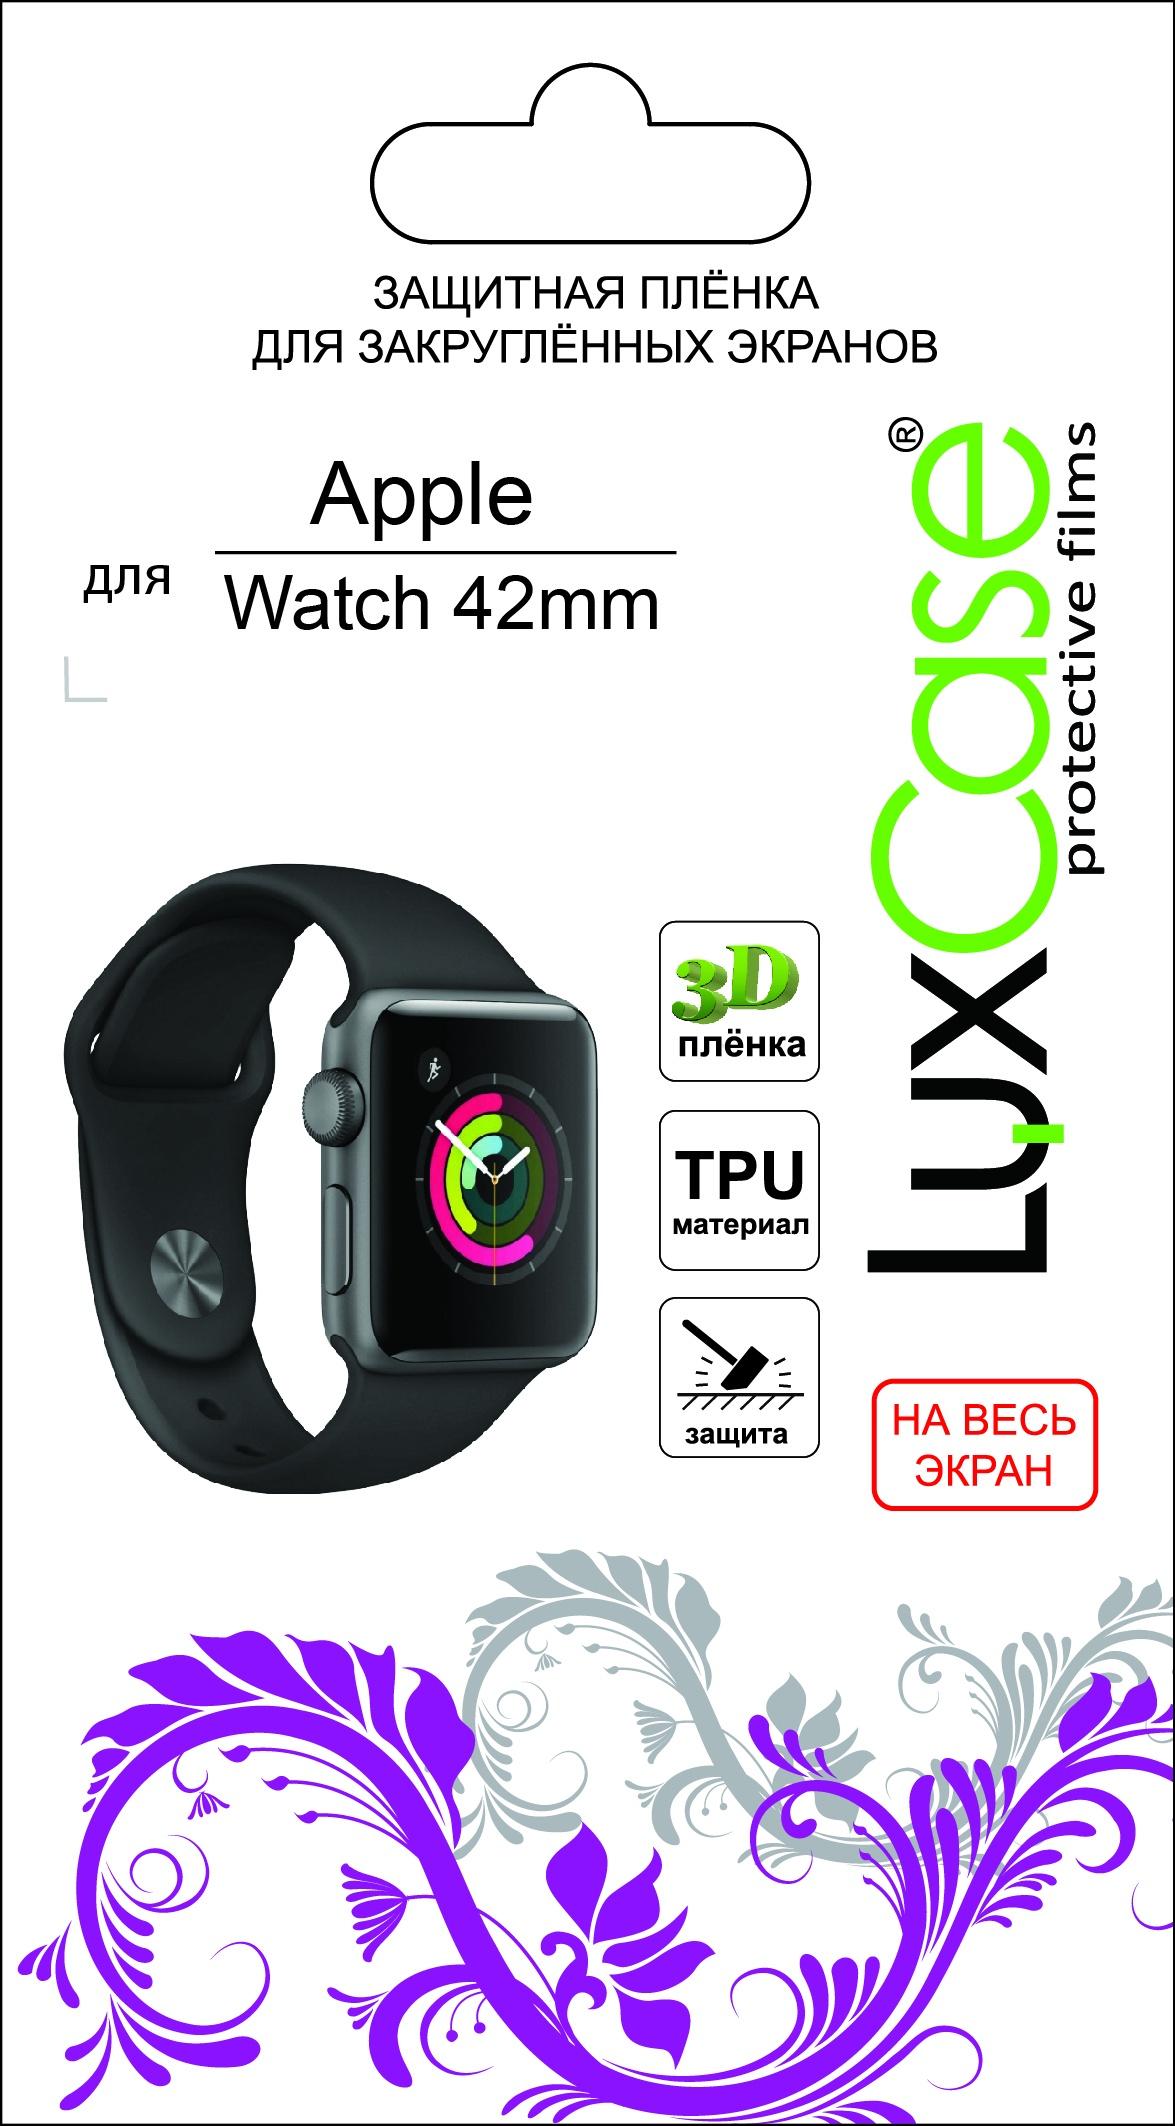 Пленка Apple Watch / матовая / 42 мм / все цены